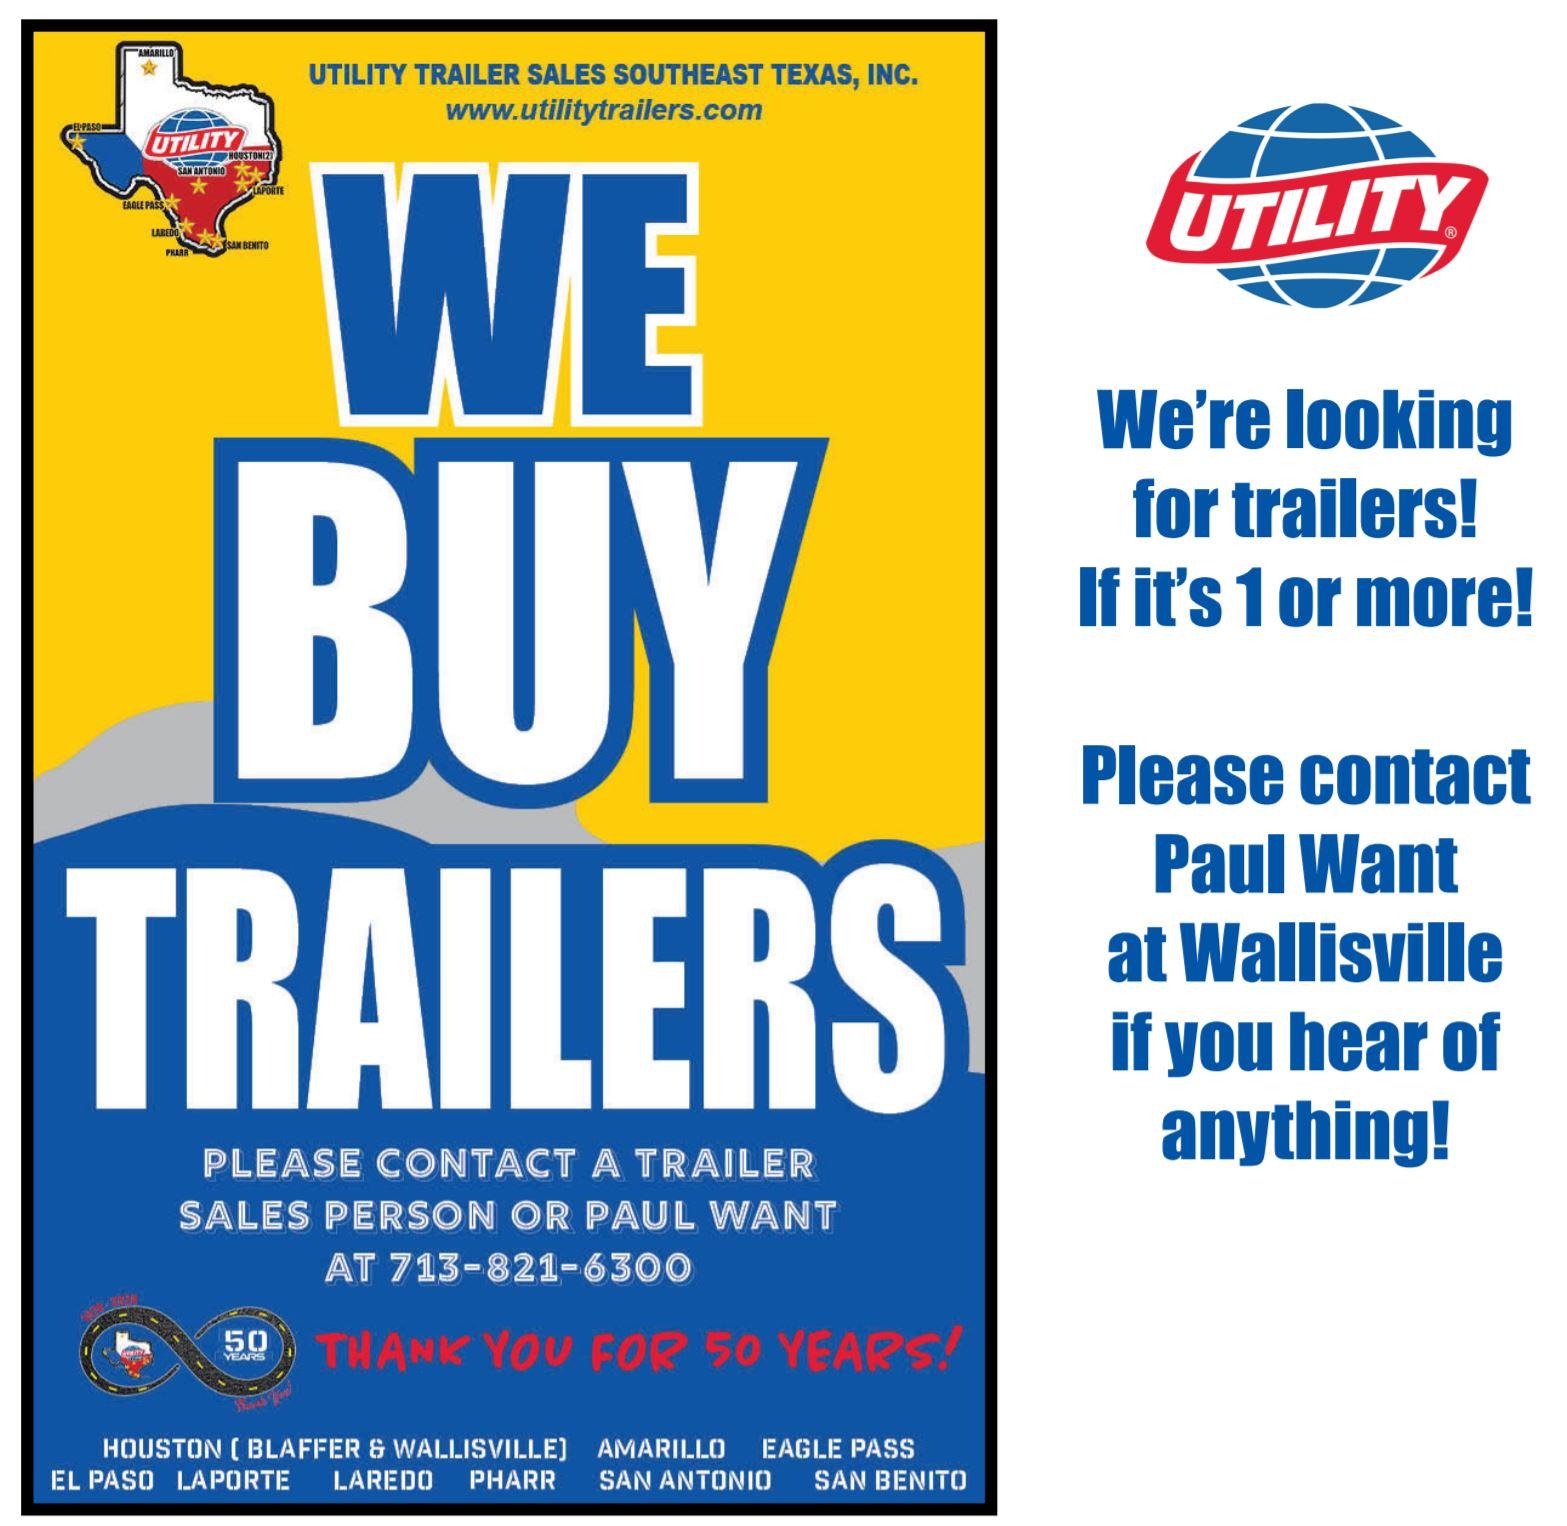 Utility Trailer Sales Southeast Texas, Inc reviews | Trailer Dealers at 615 TX-146 - La Porte TX